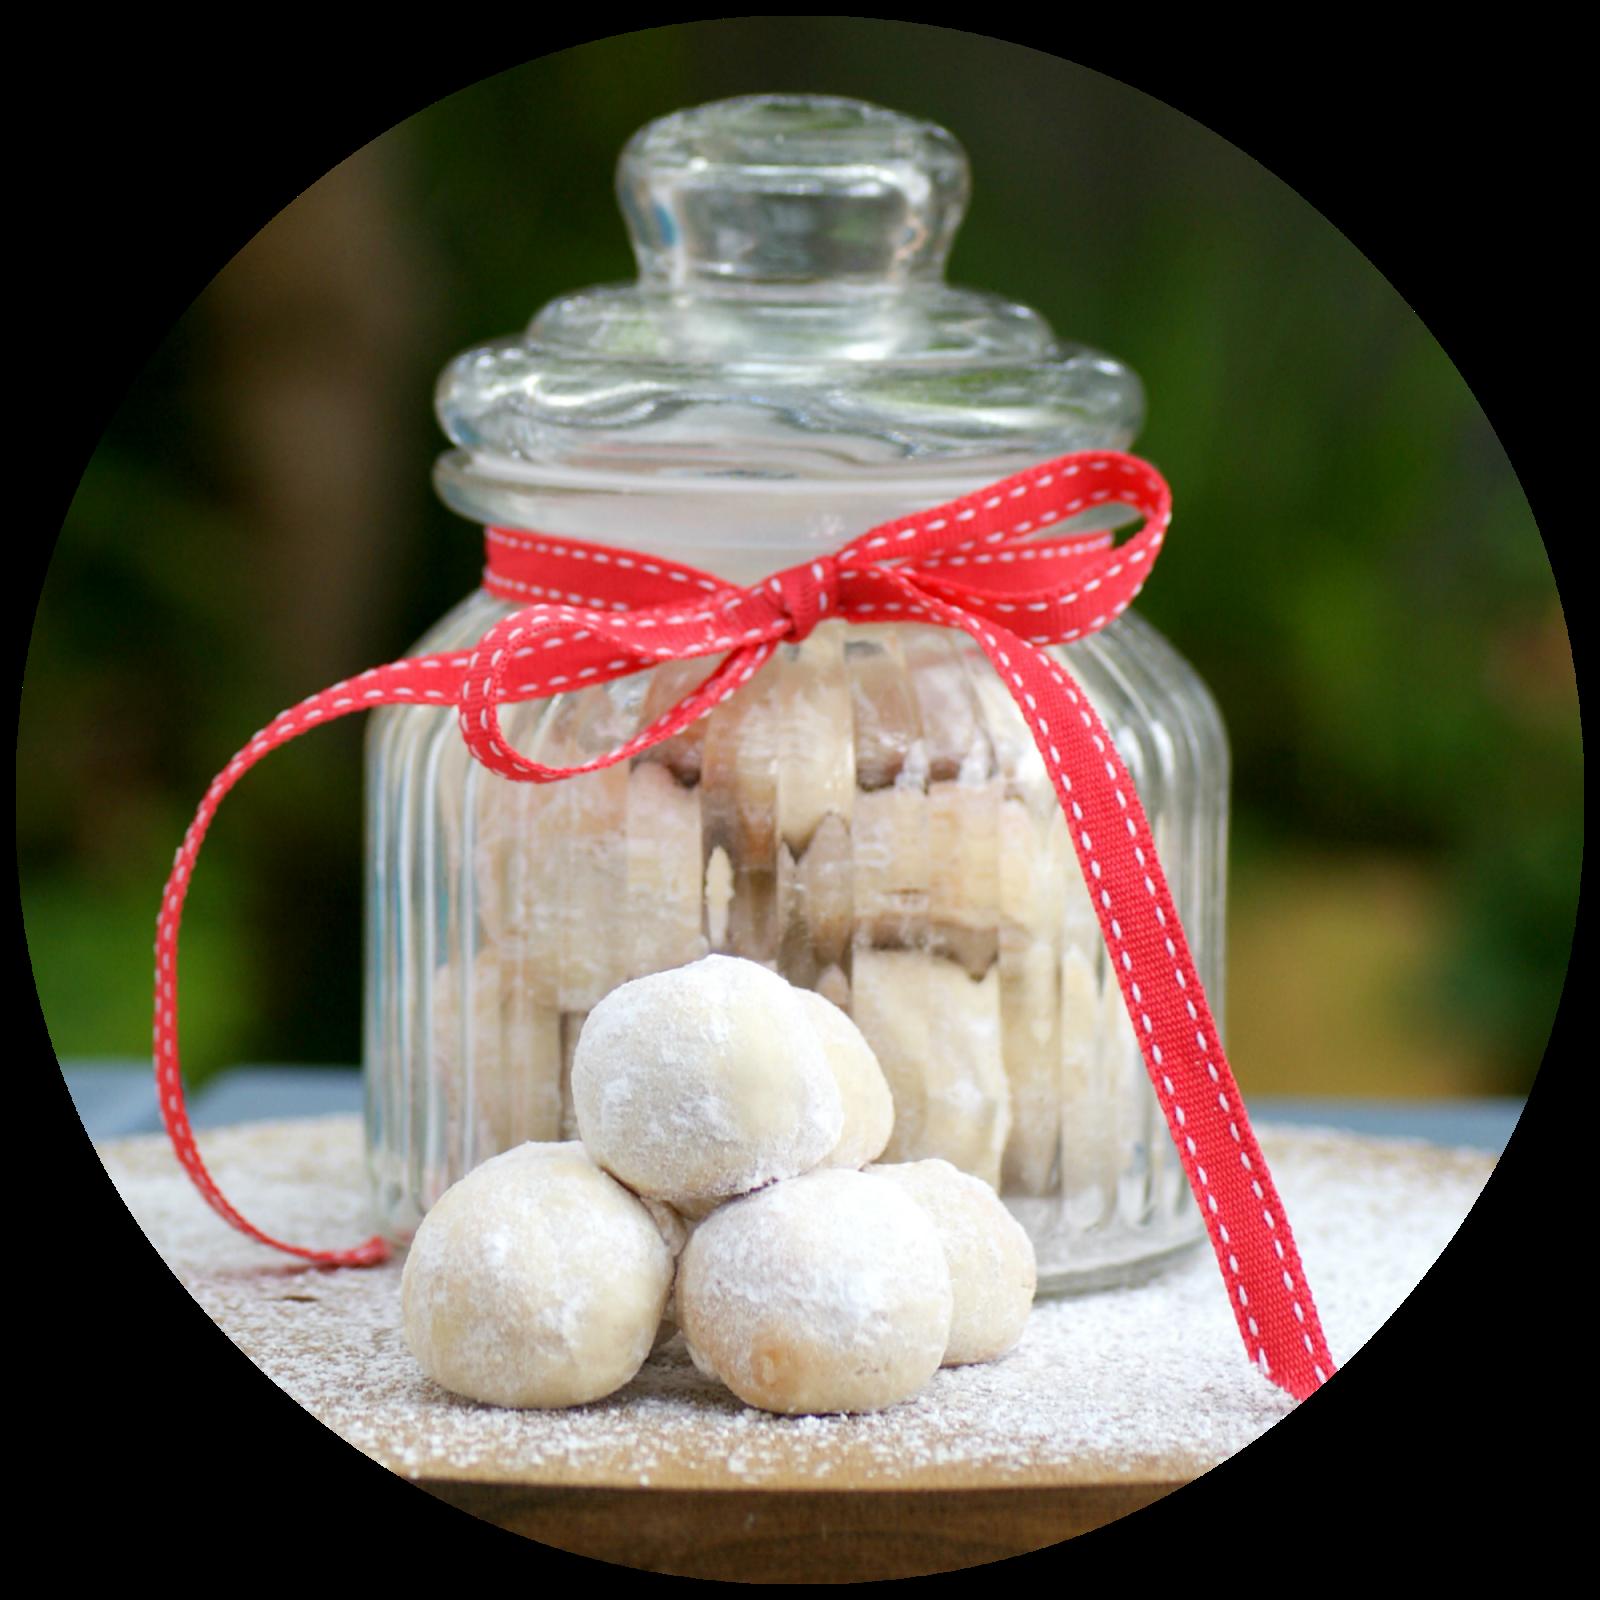 DIY: Homemade Edible Christmas Gift Ideas! | Edible christmas gifts ...